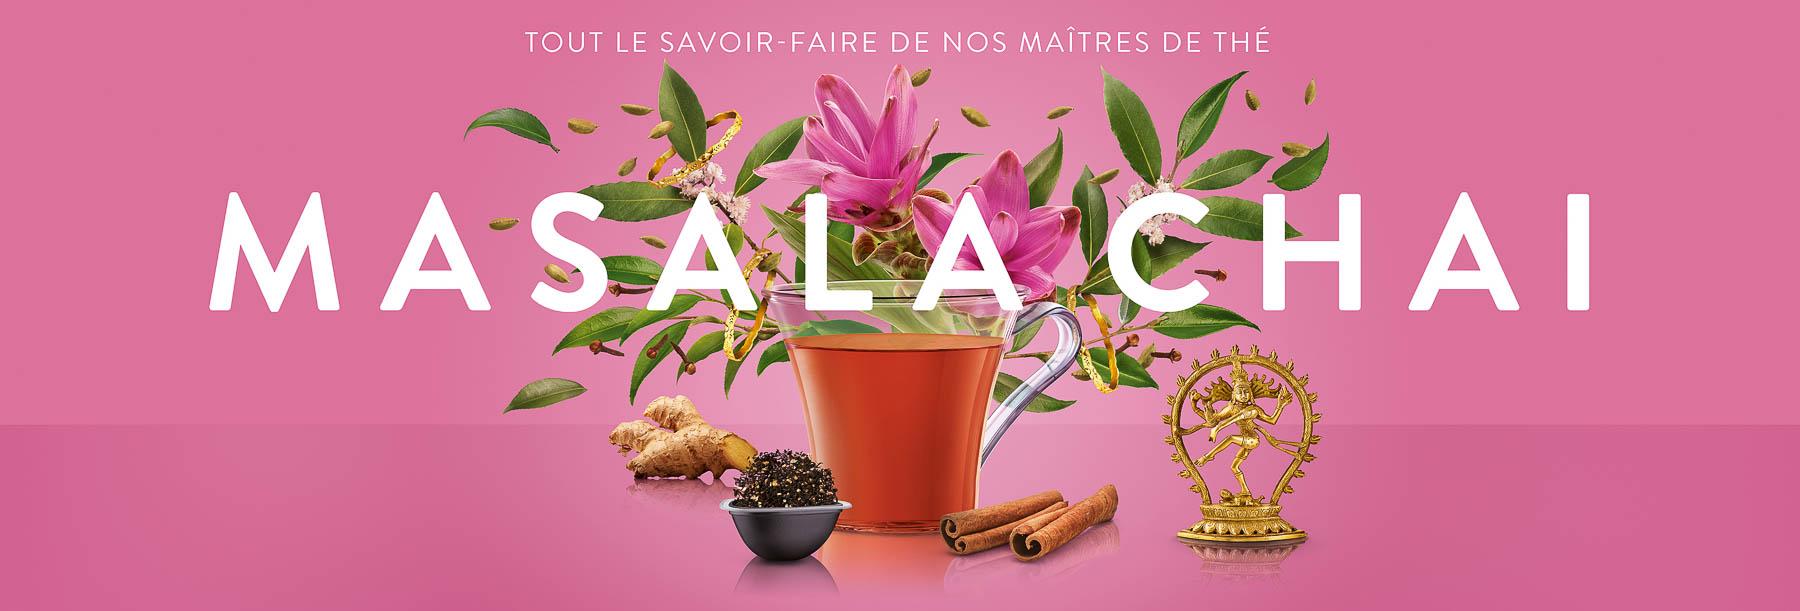 Floral design - Flower